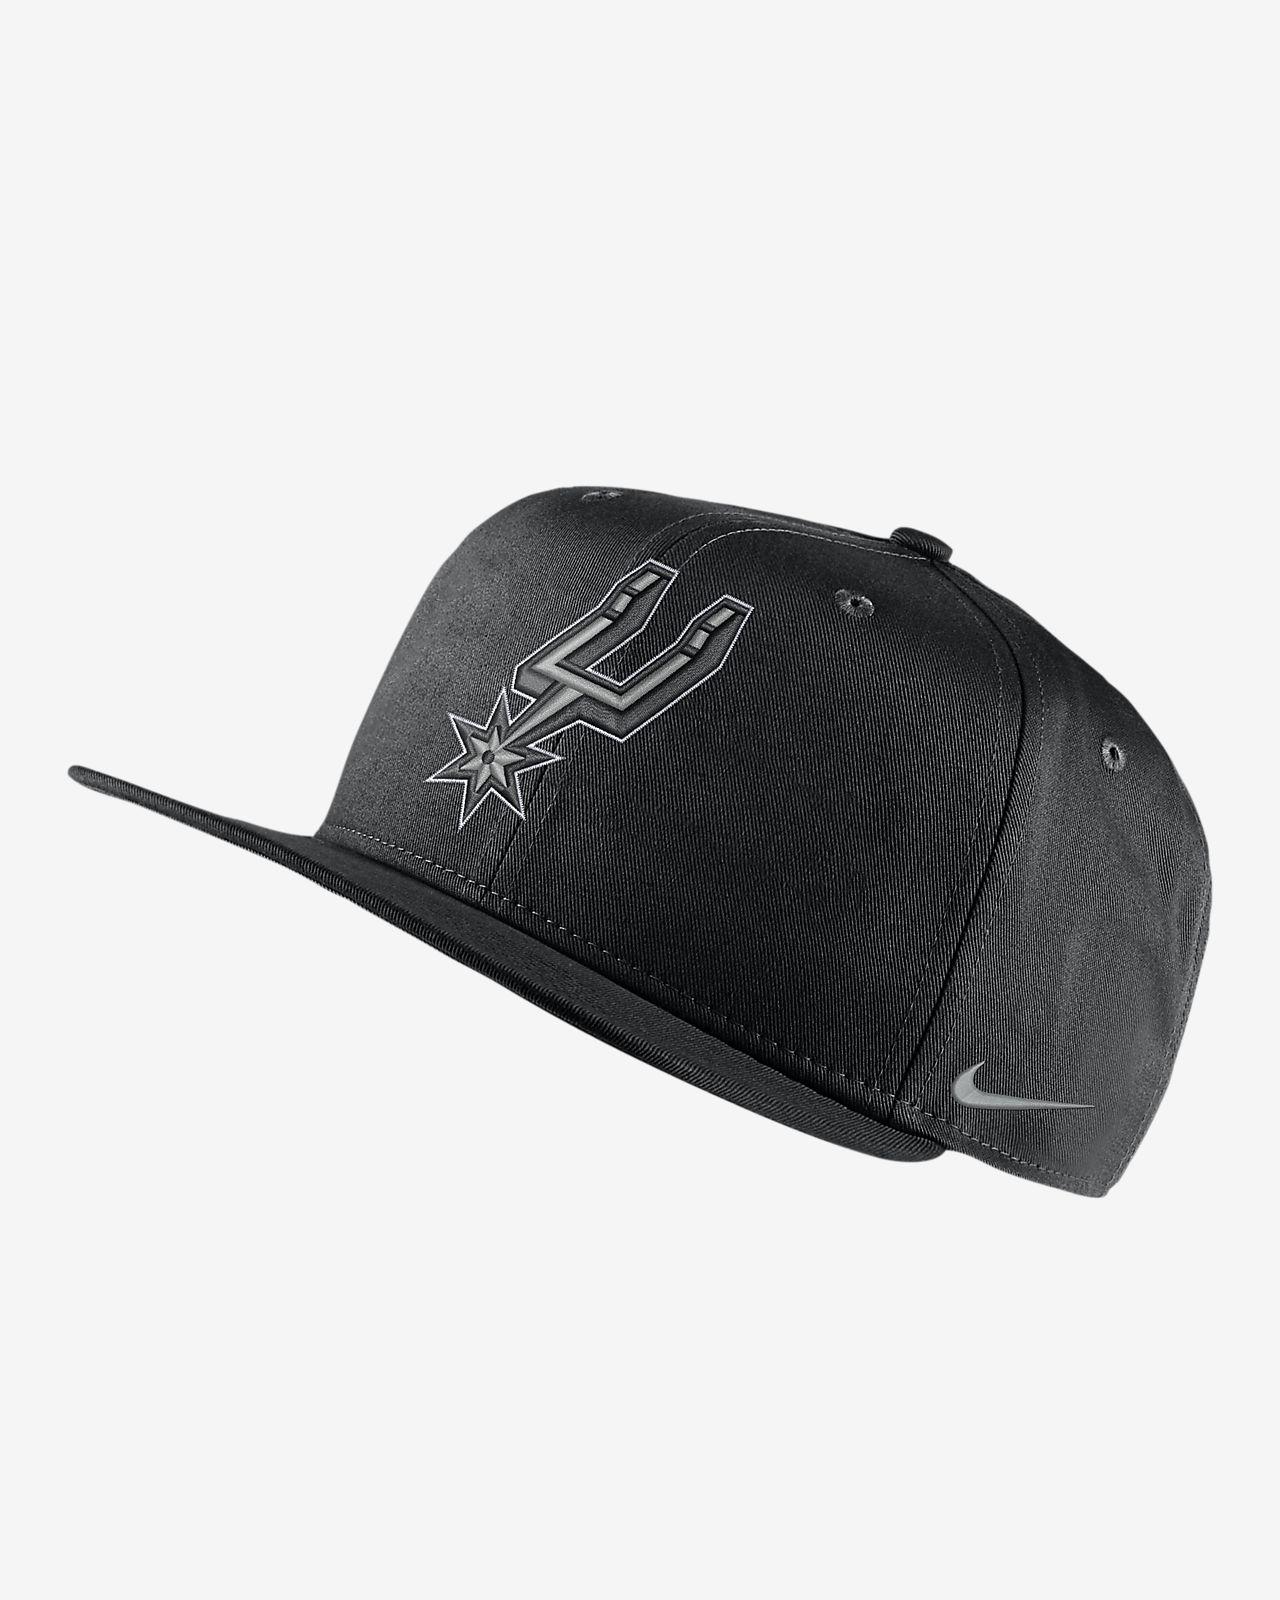 San Antonio Spurs Nike Pro Gorra de l'NBA